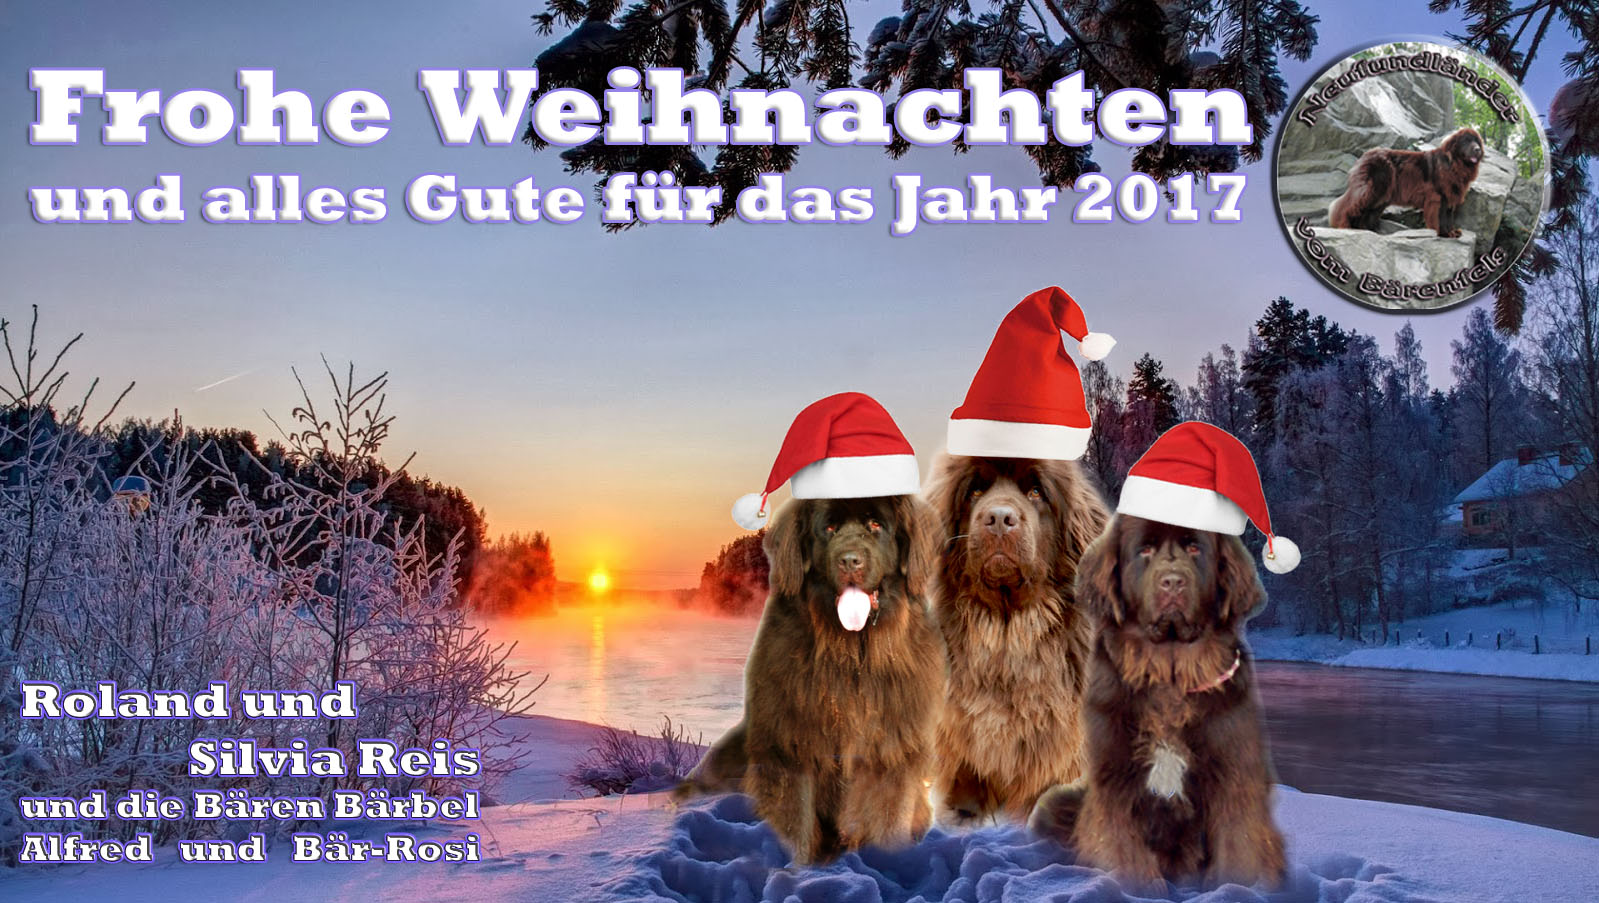 Frohe Weihnachten Hsv.Frohe Weihnachten Und Einen Guten Rutschneufundländer Vom Bärenfels